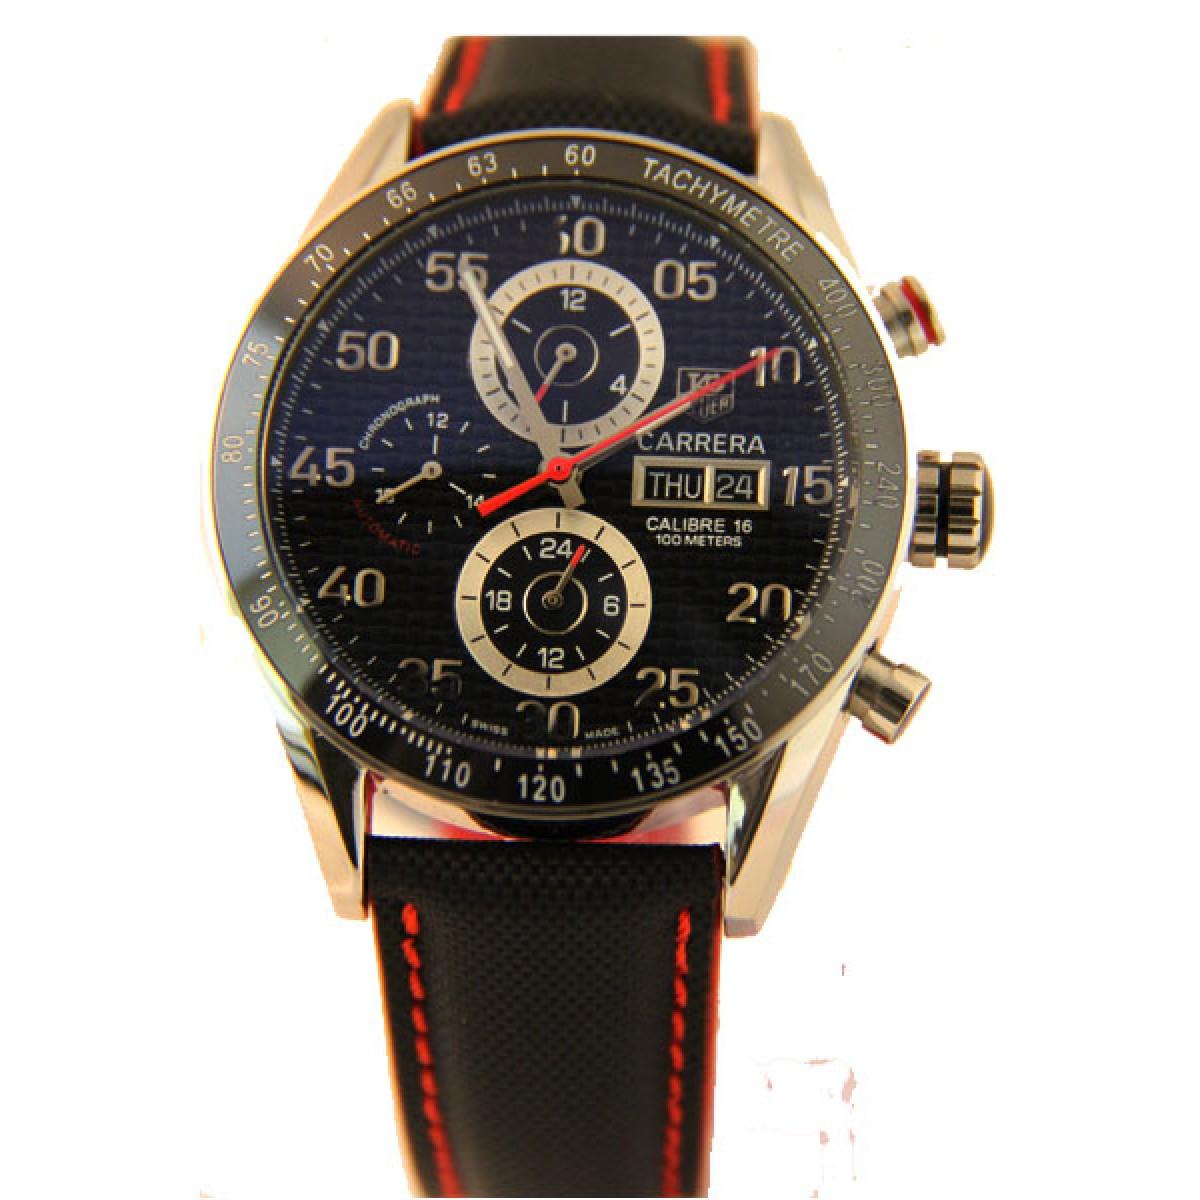 1e6cf307eda Réplica Relógio Tag Heuer Carrera Calibre 16 Ceramica